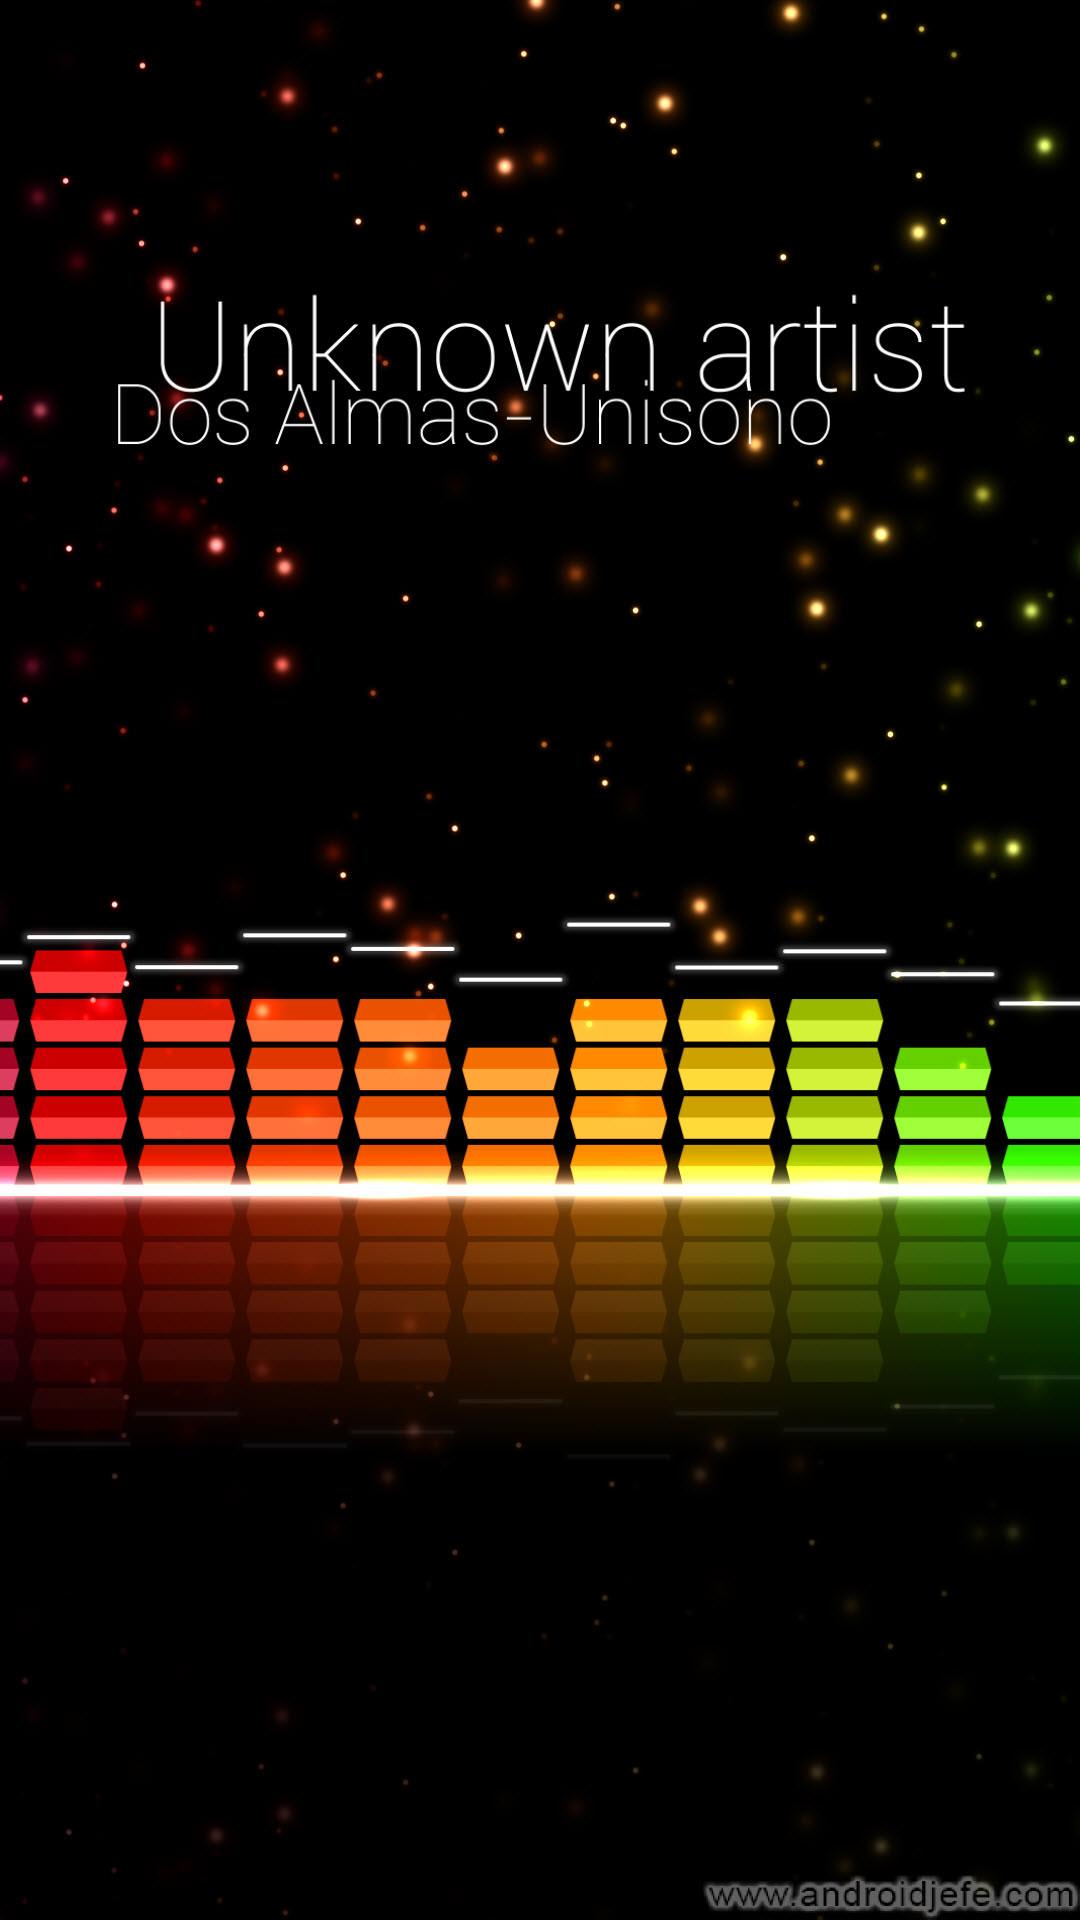 5 reproductores de música para Android con efectos visuales